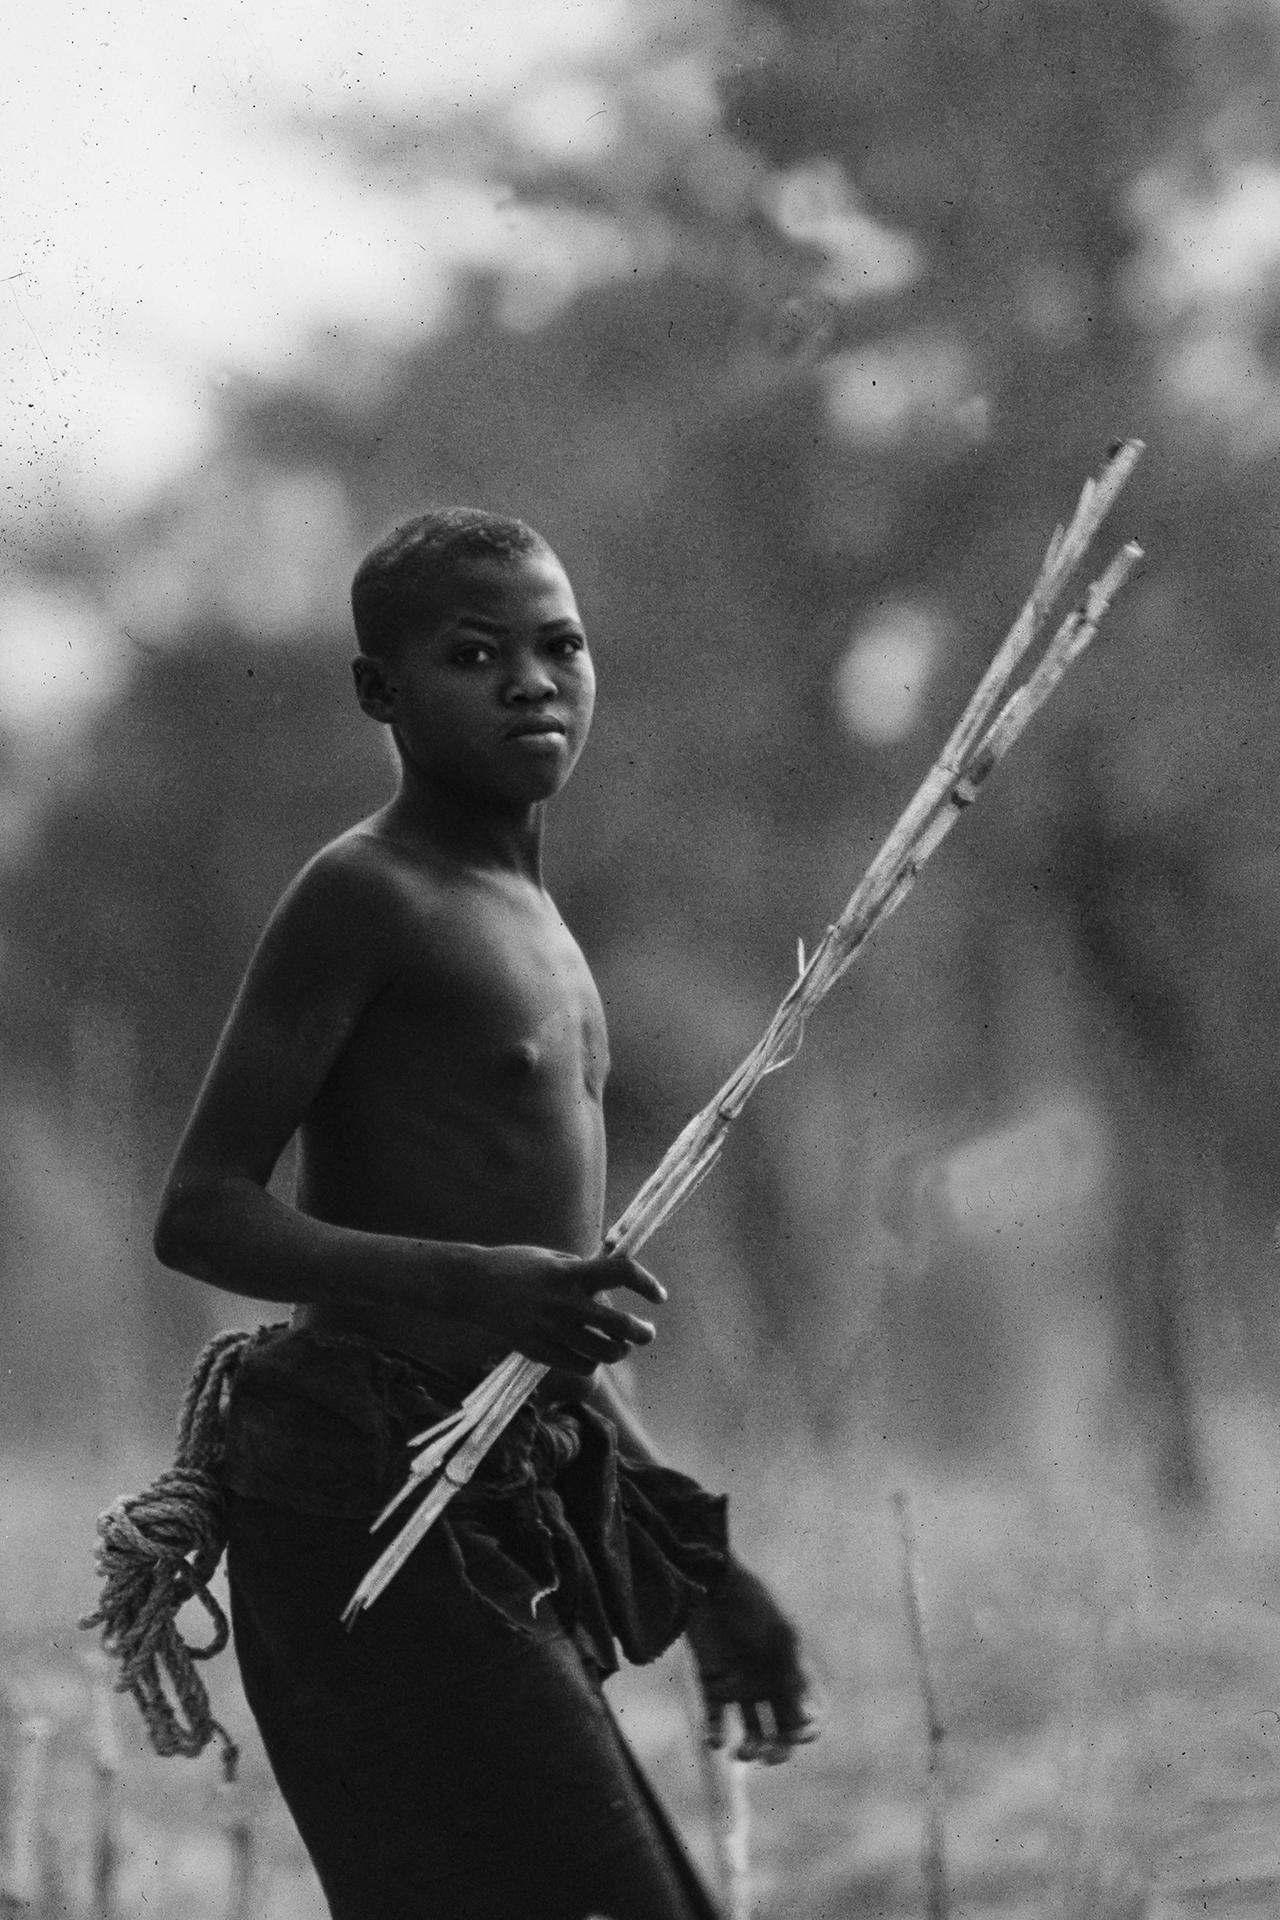 Jeune garçon Dogon. 1969, Falaise de BANDIAGARA, région de Sangha, Mali